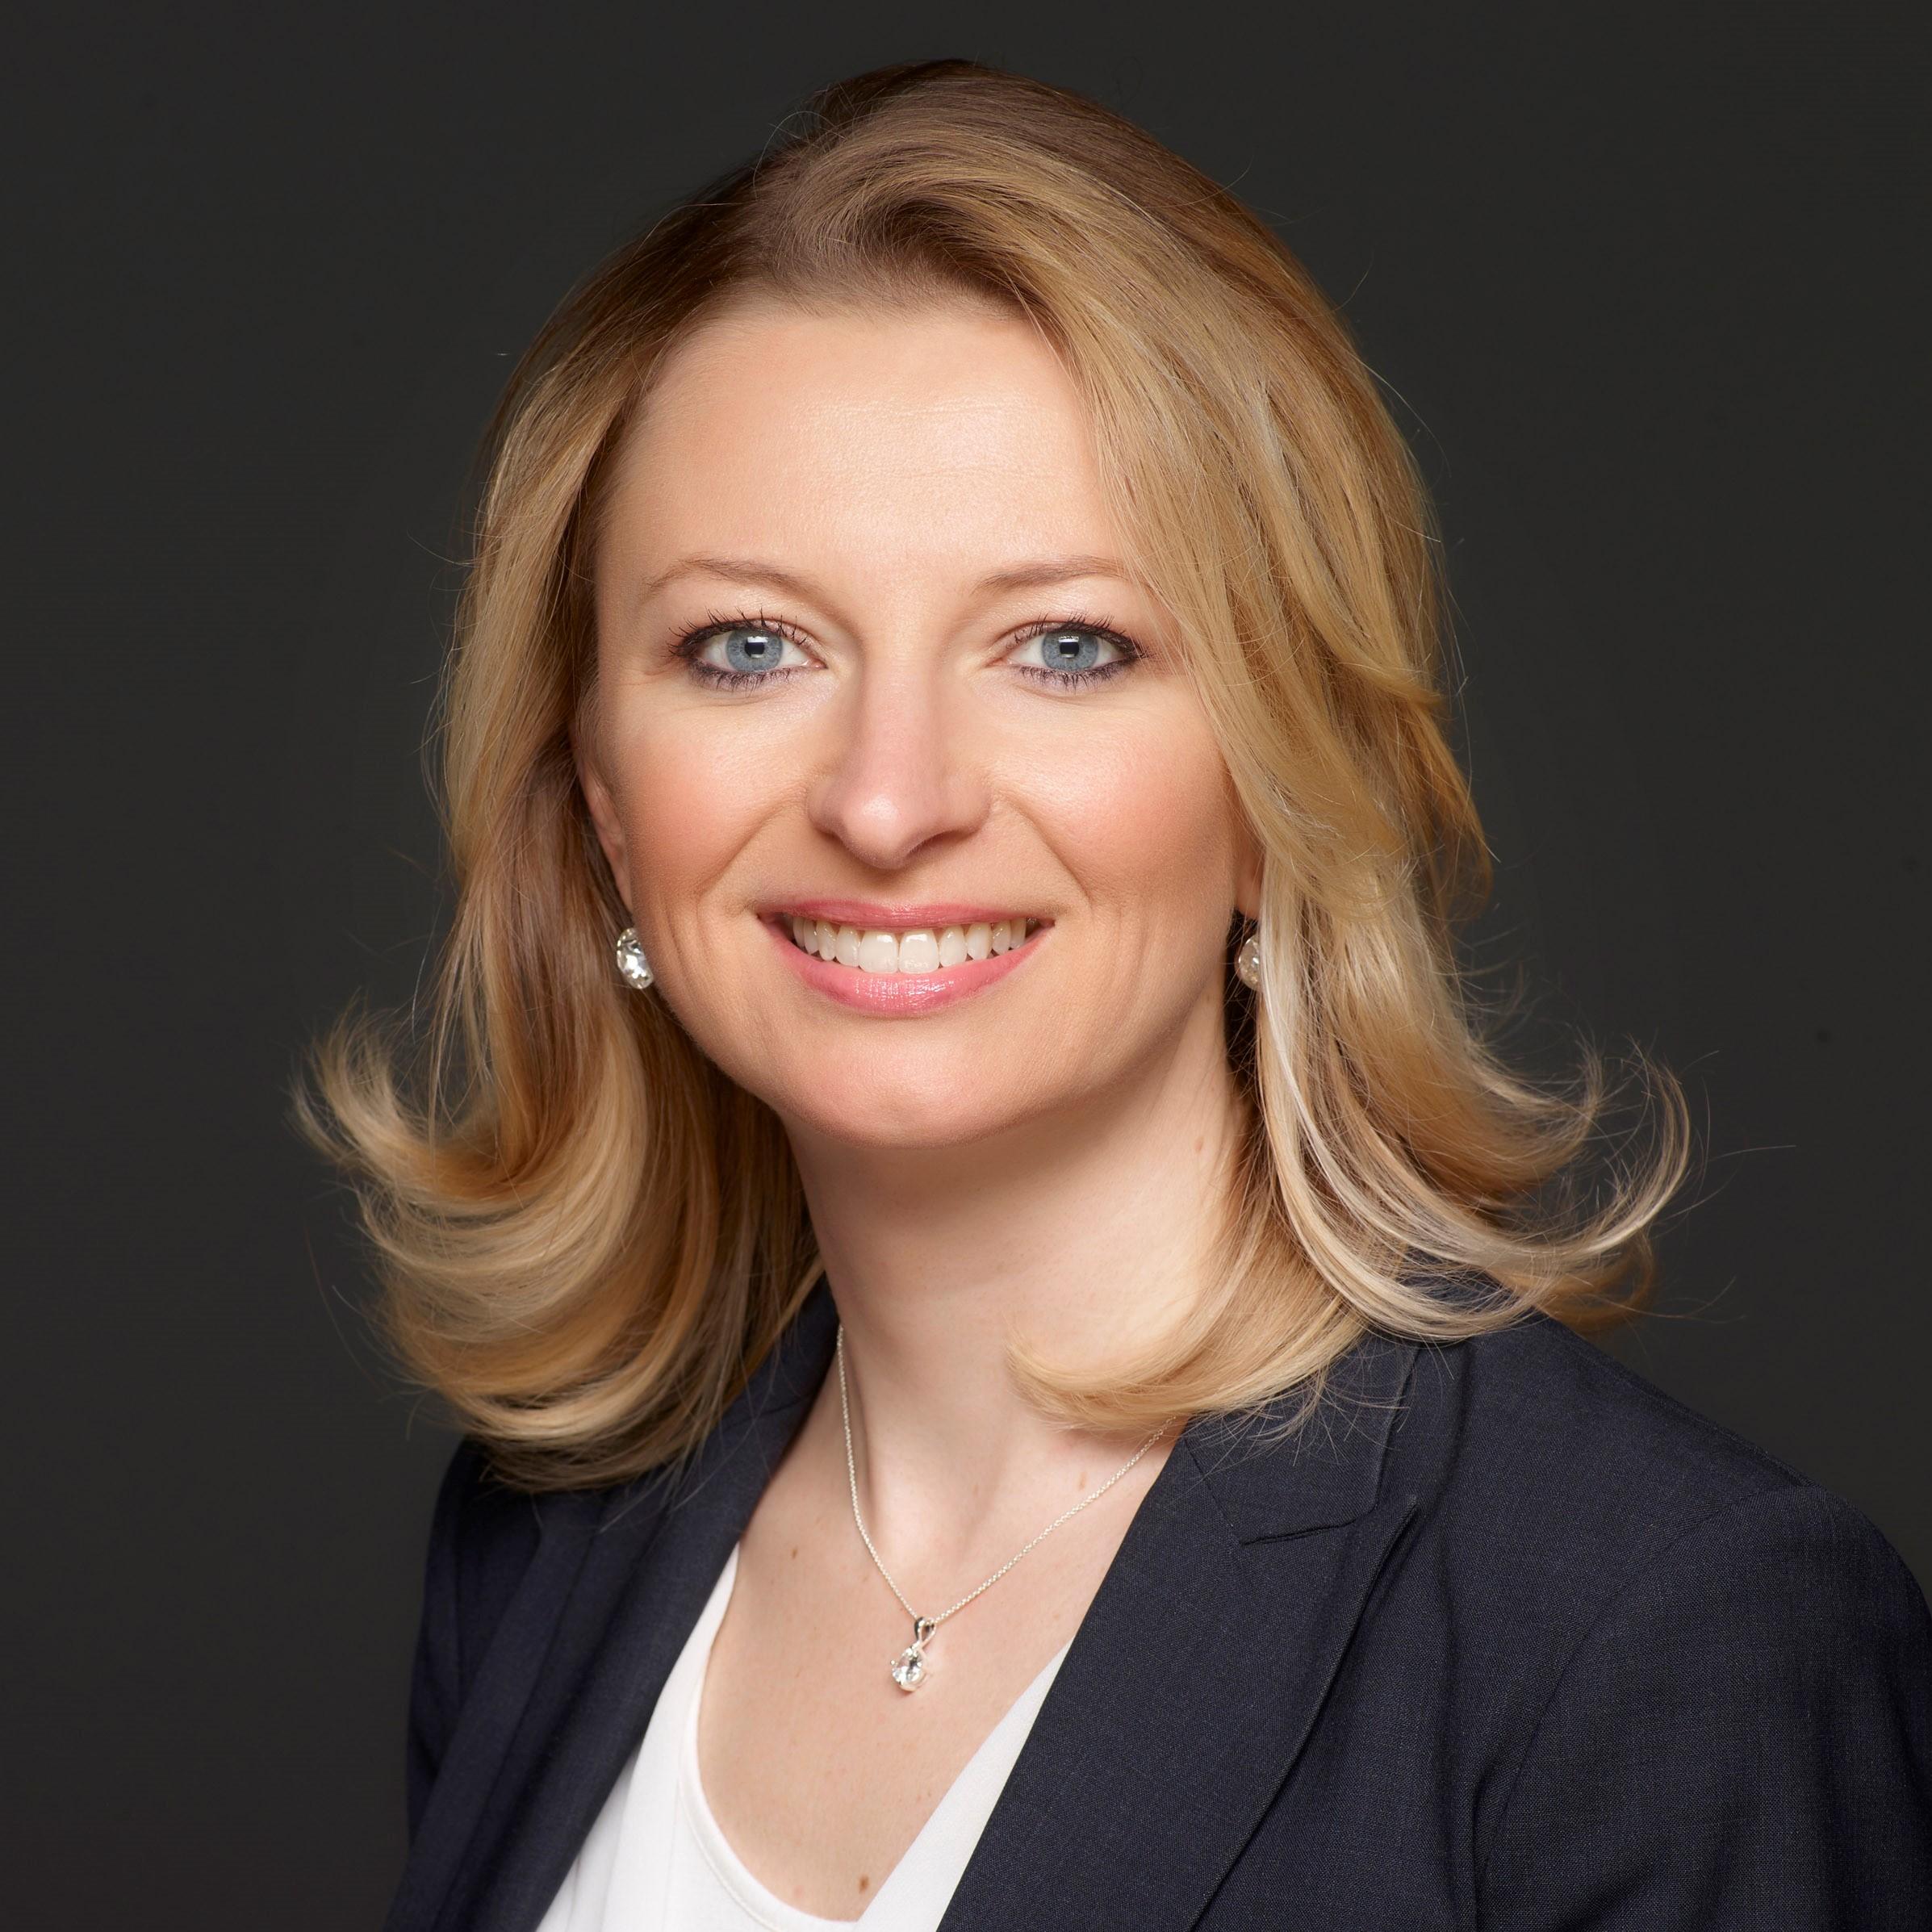 Kataryna DeLisle